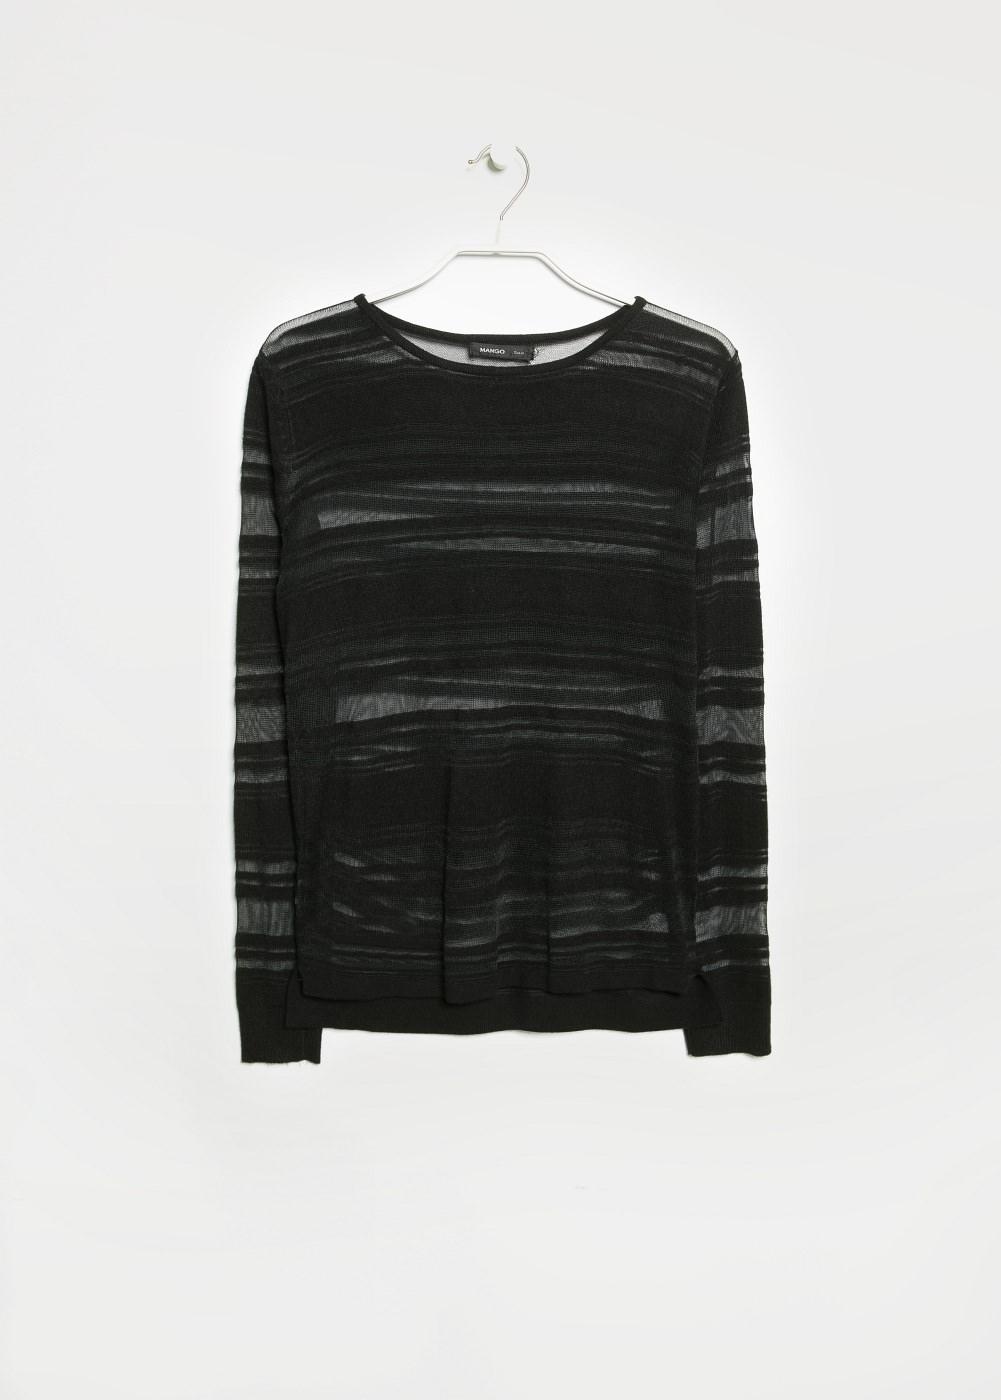 http://shop.mango.com/PL/p0/kobieta/odziez/kardigany-i-swetry/swetry/sweter-przezroczyste-pasy/?id=23025546_02&n=1&s=prendas.monos&ident=0__0_1403085415593&ts=1403085415593